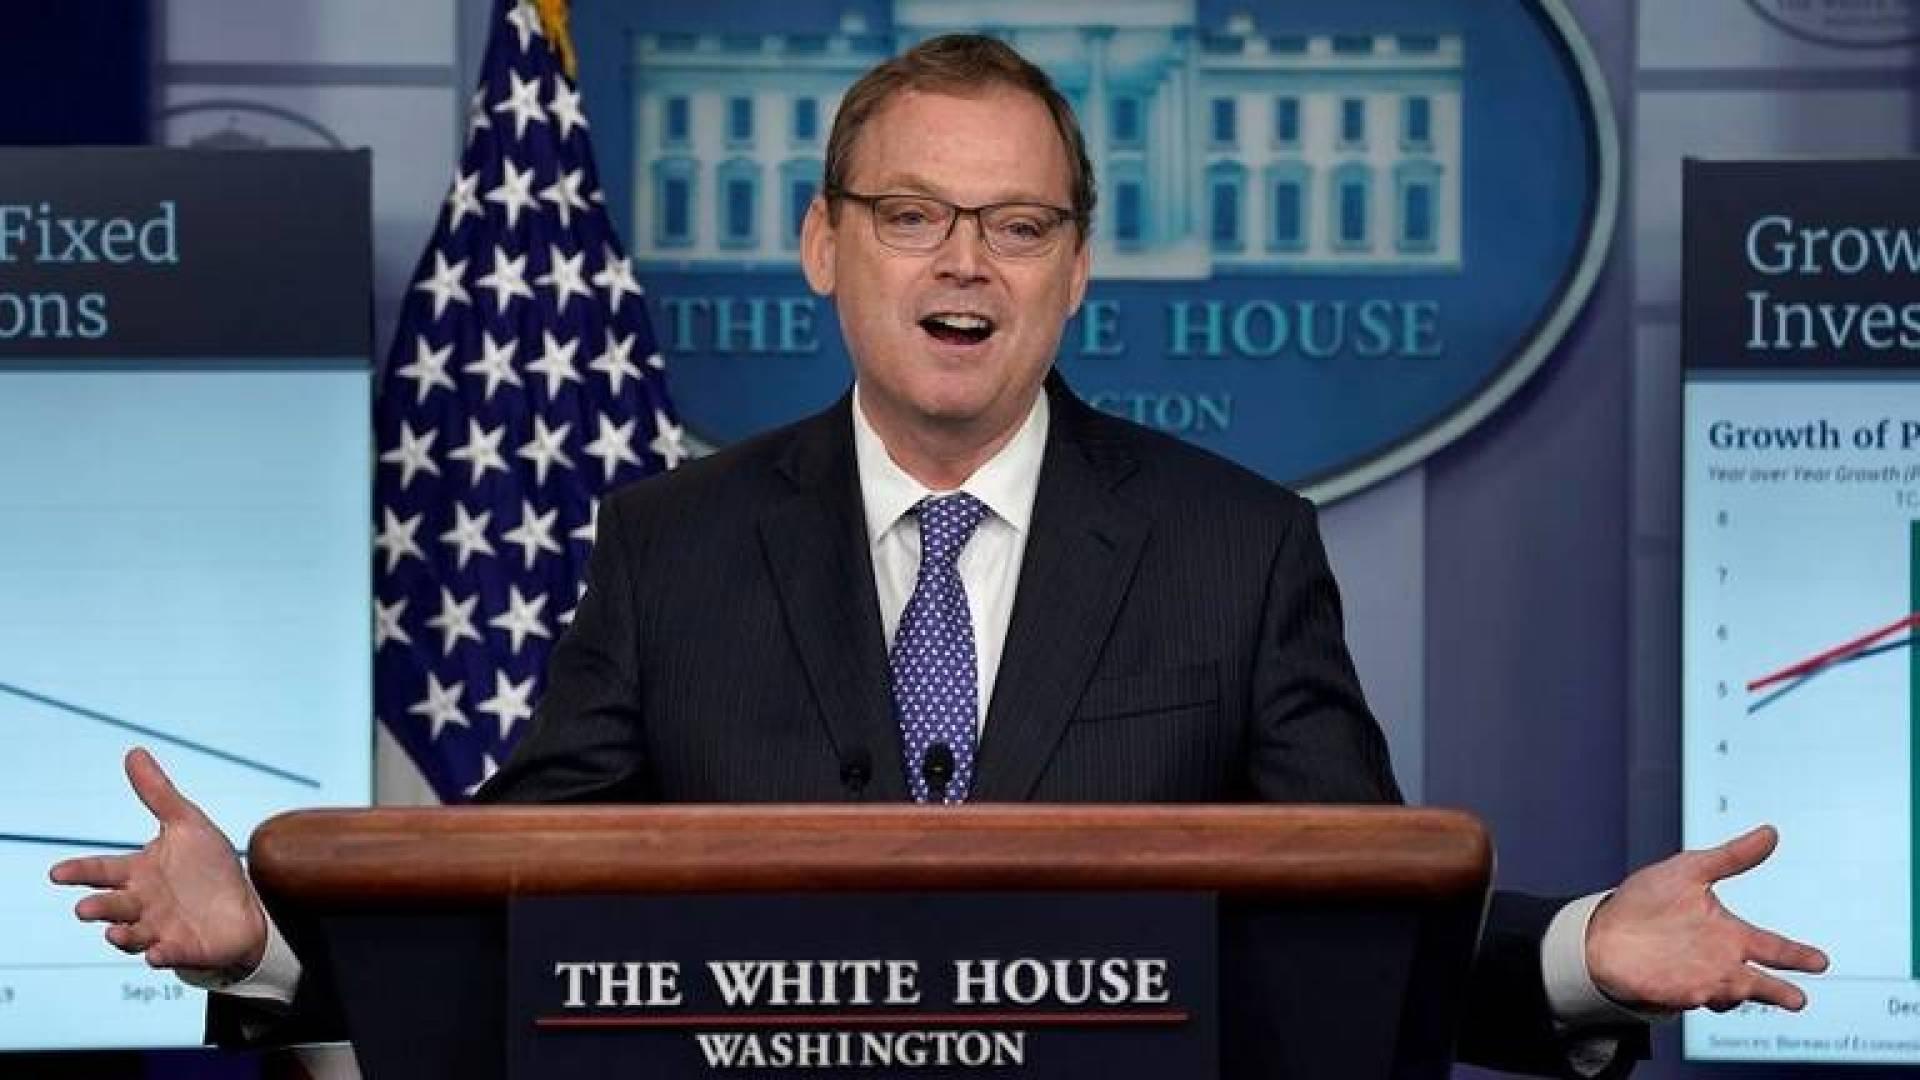 البيت الأبيض: البطالة ستبقى مرتفعة في الولايات المتحدة خلال الانتخابات